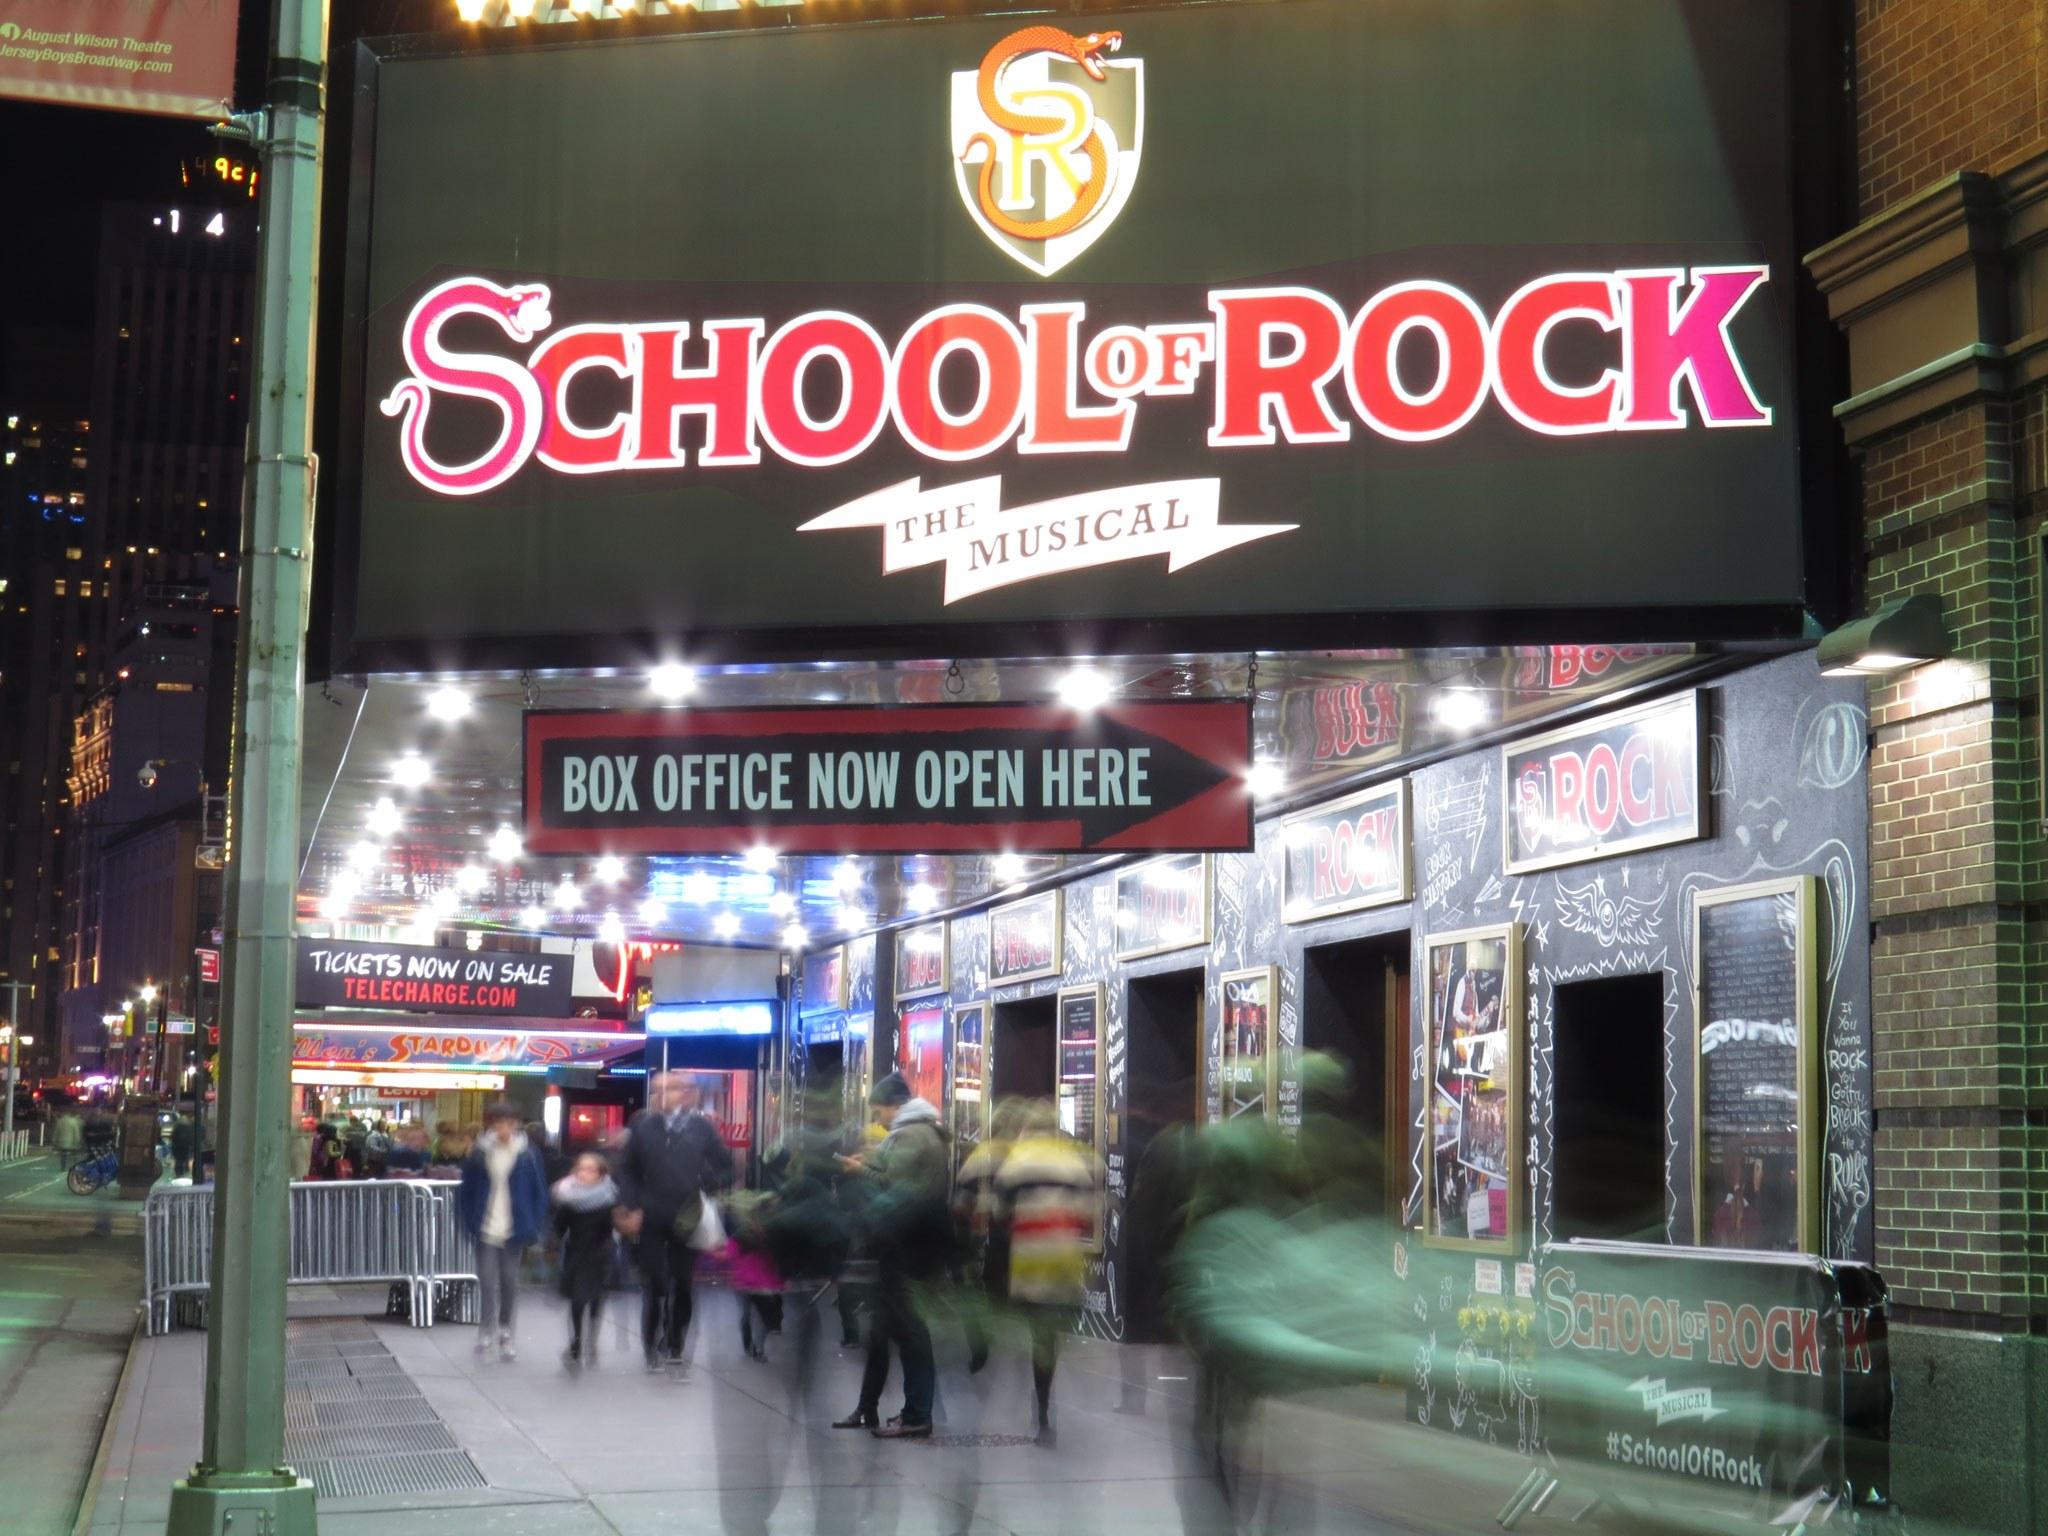 School of Rock Marquee